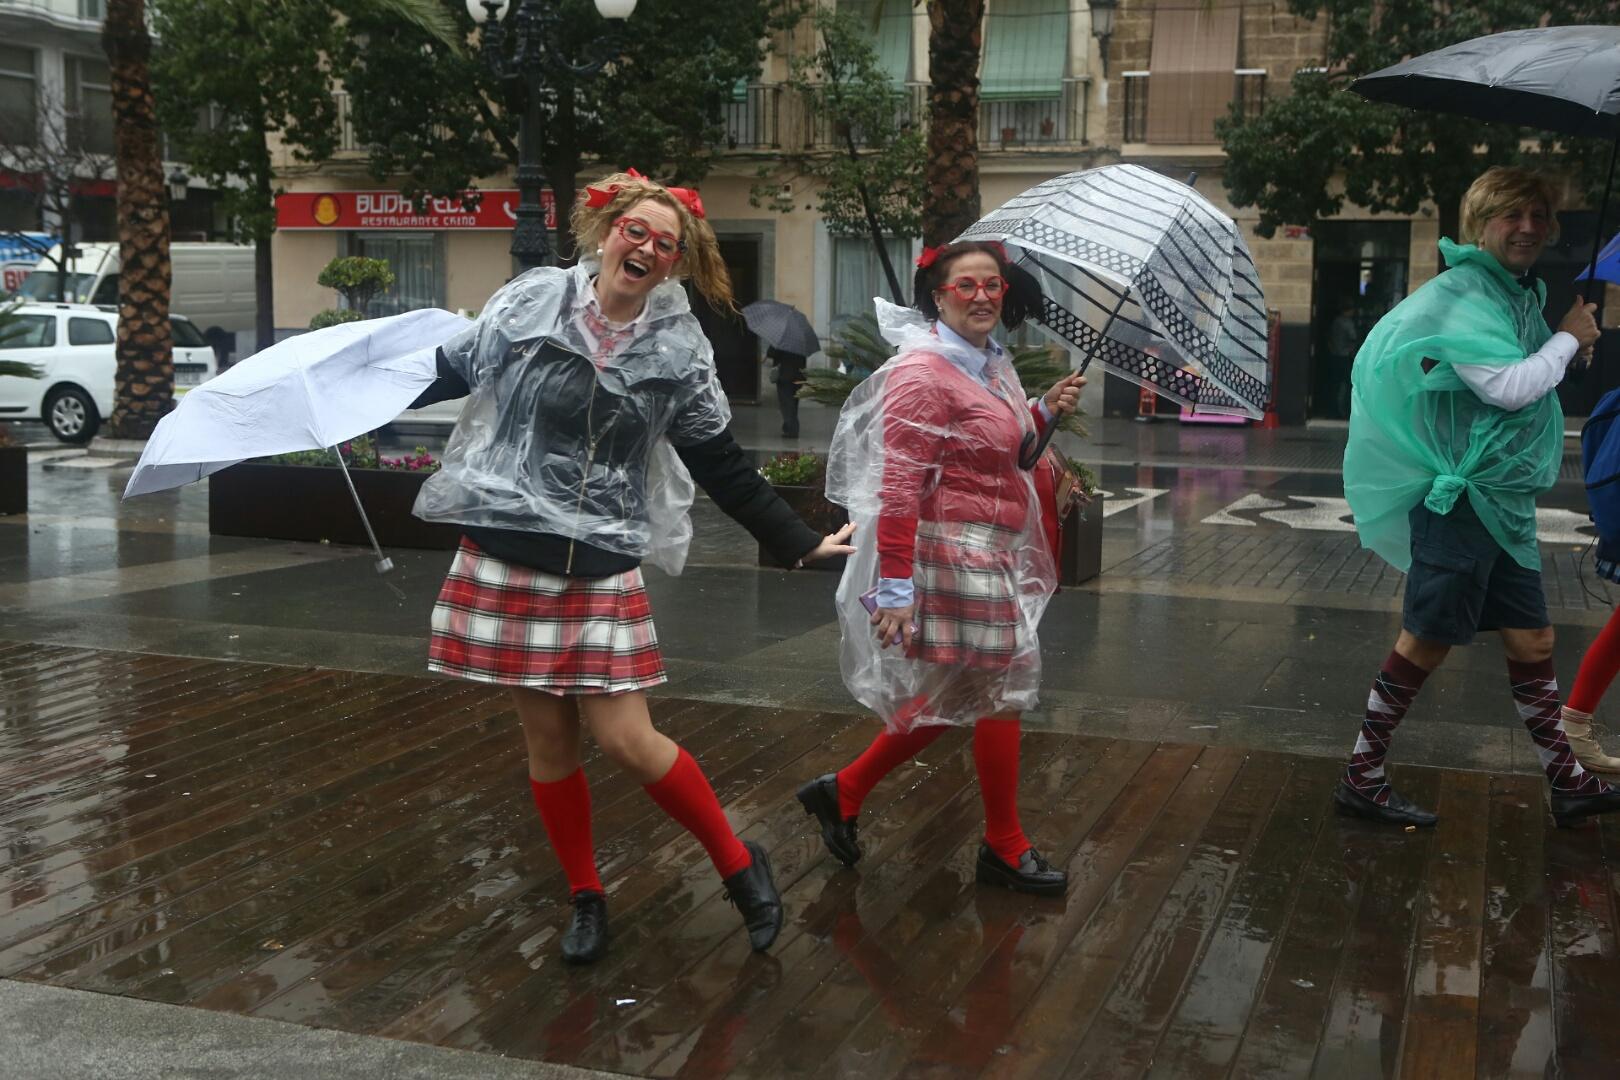 Los carruseles de coros se suspenden por la lluvia pero se mantiene la cabalgata del humor